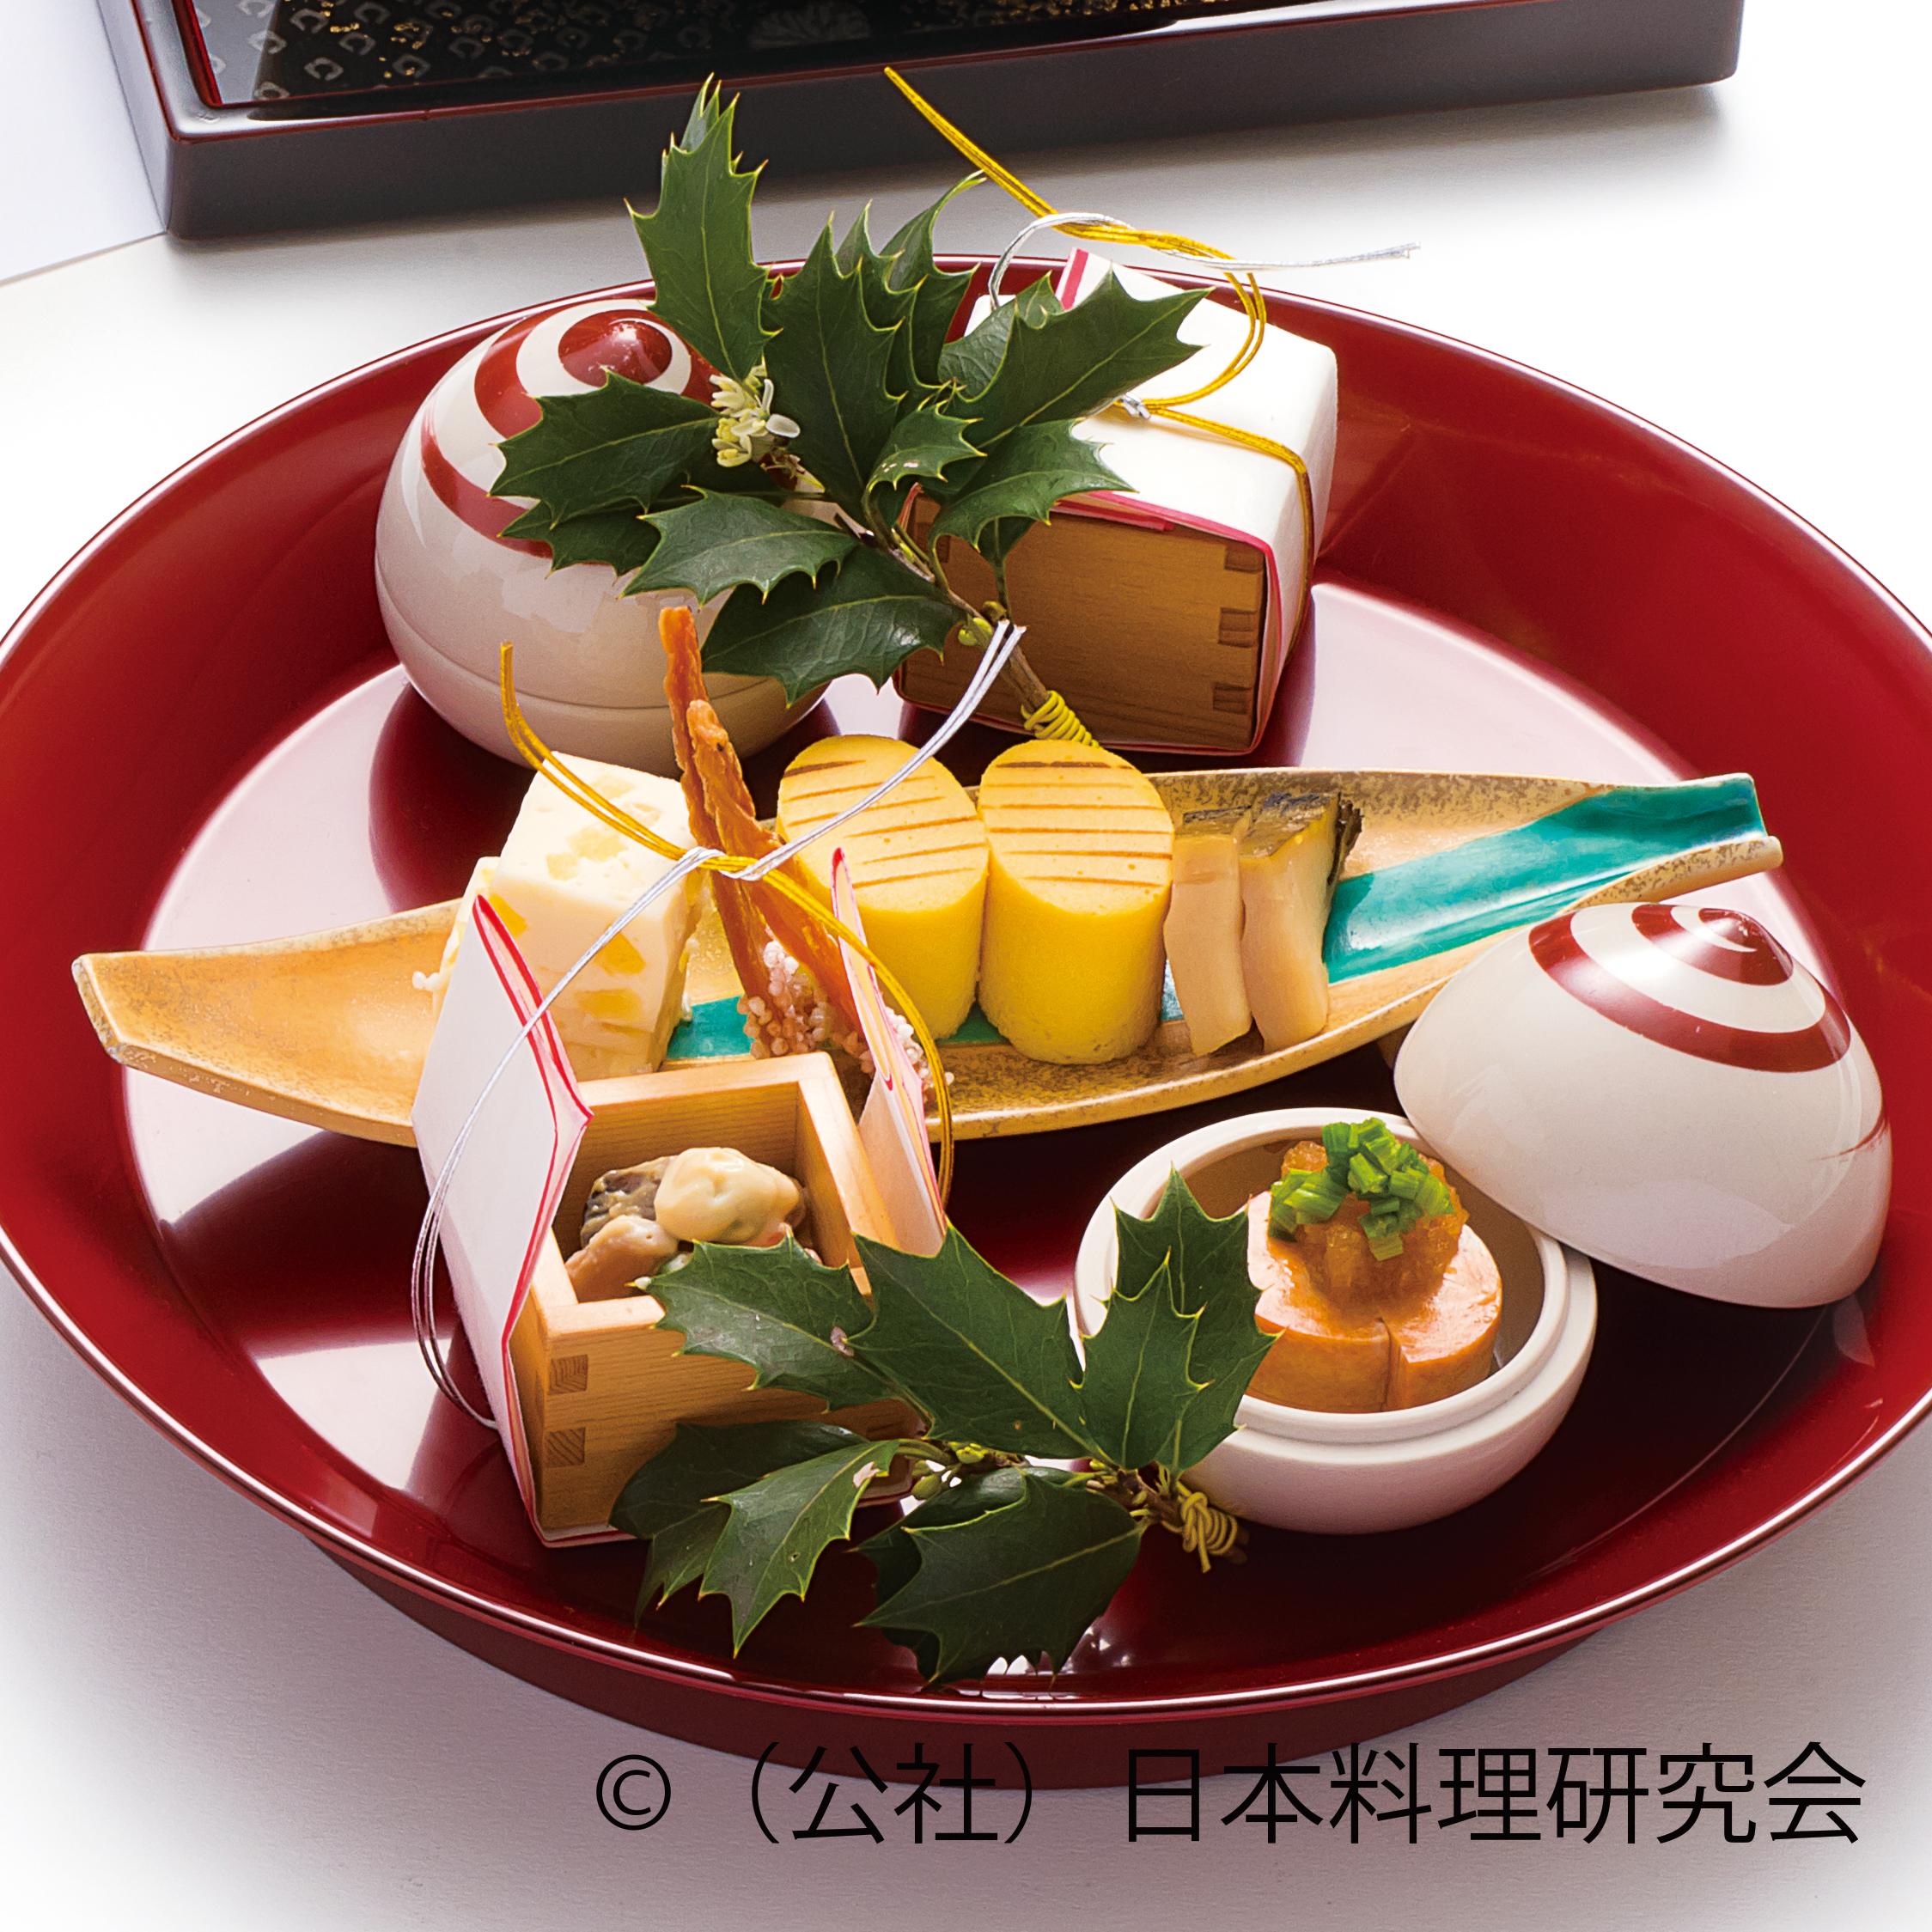 鮟鱇肝ちり酢、豌豆白和え、干子、小判カステラ、蒸鮑、柚子チーズ寄せ